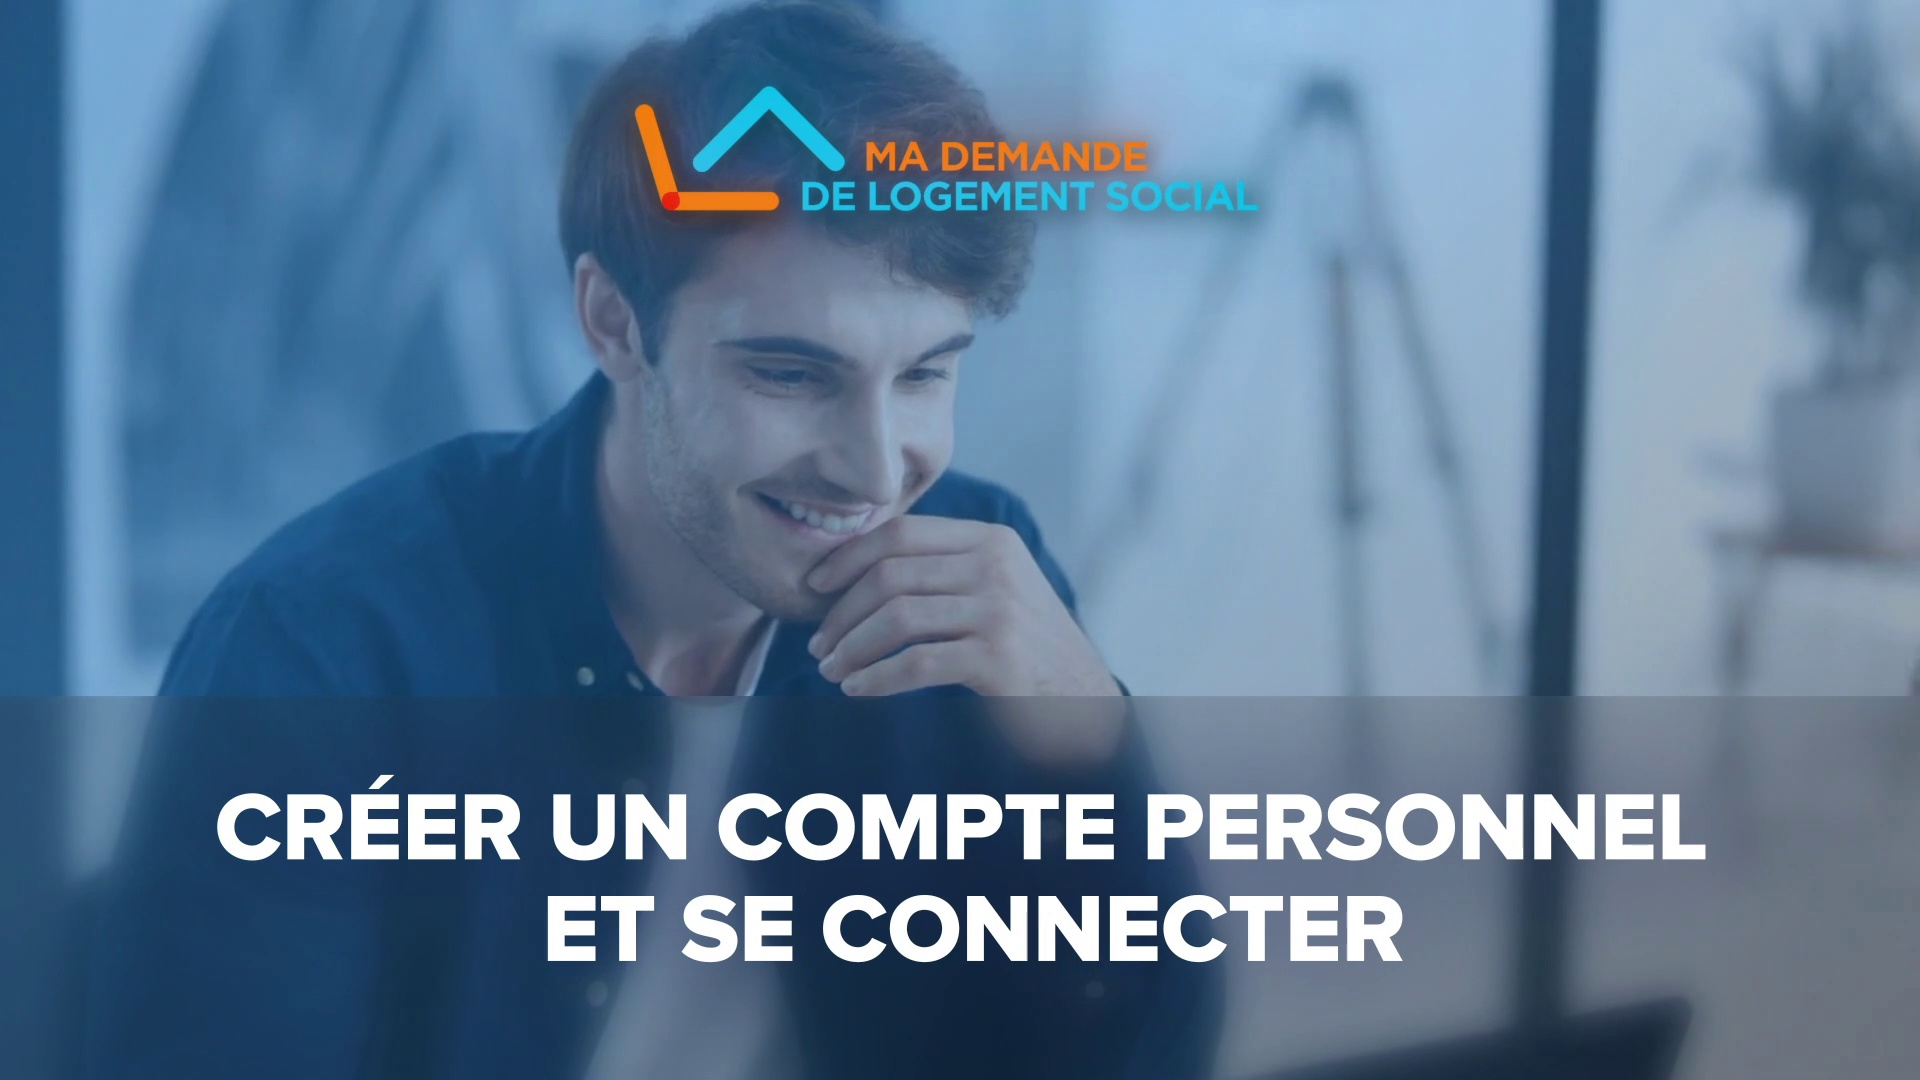 Dailymotion Video: 1- Créer un compte personnel et se connecter sur www.demande-logement-social.gouv.fr